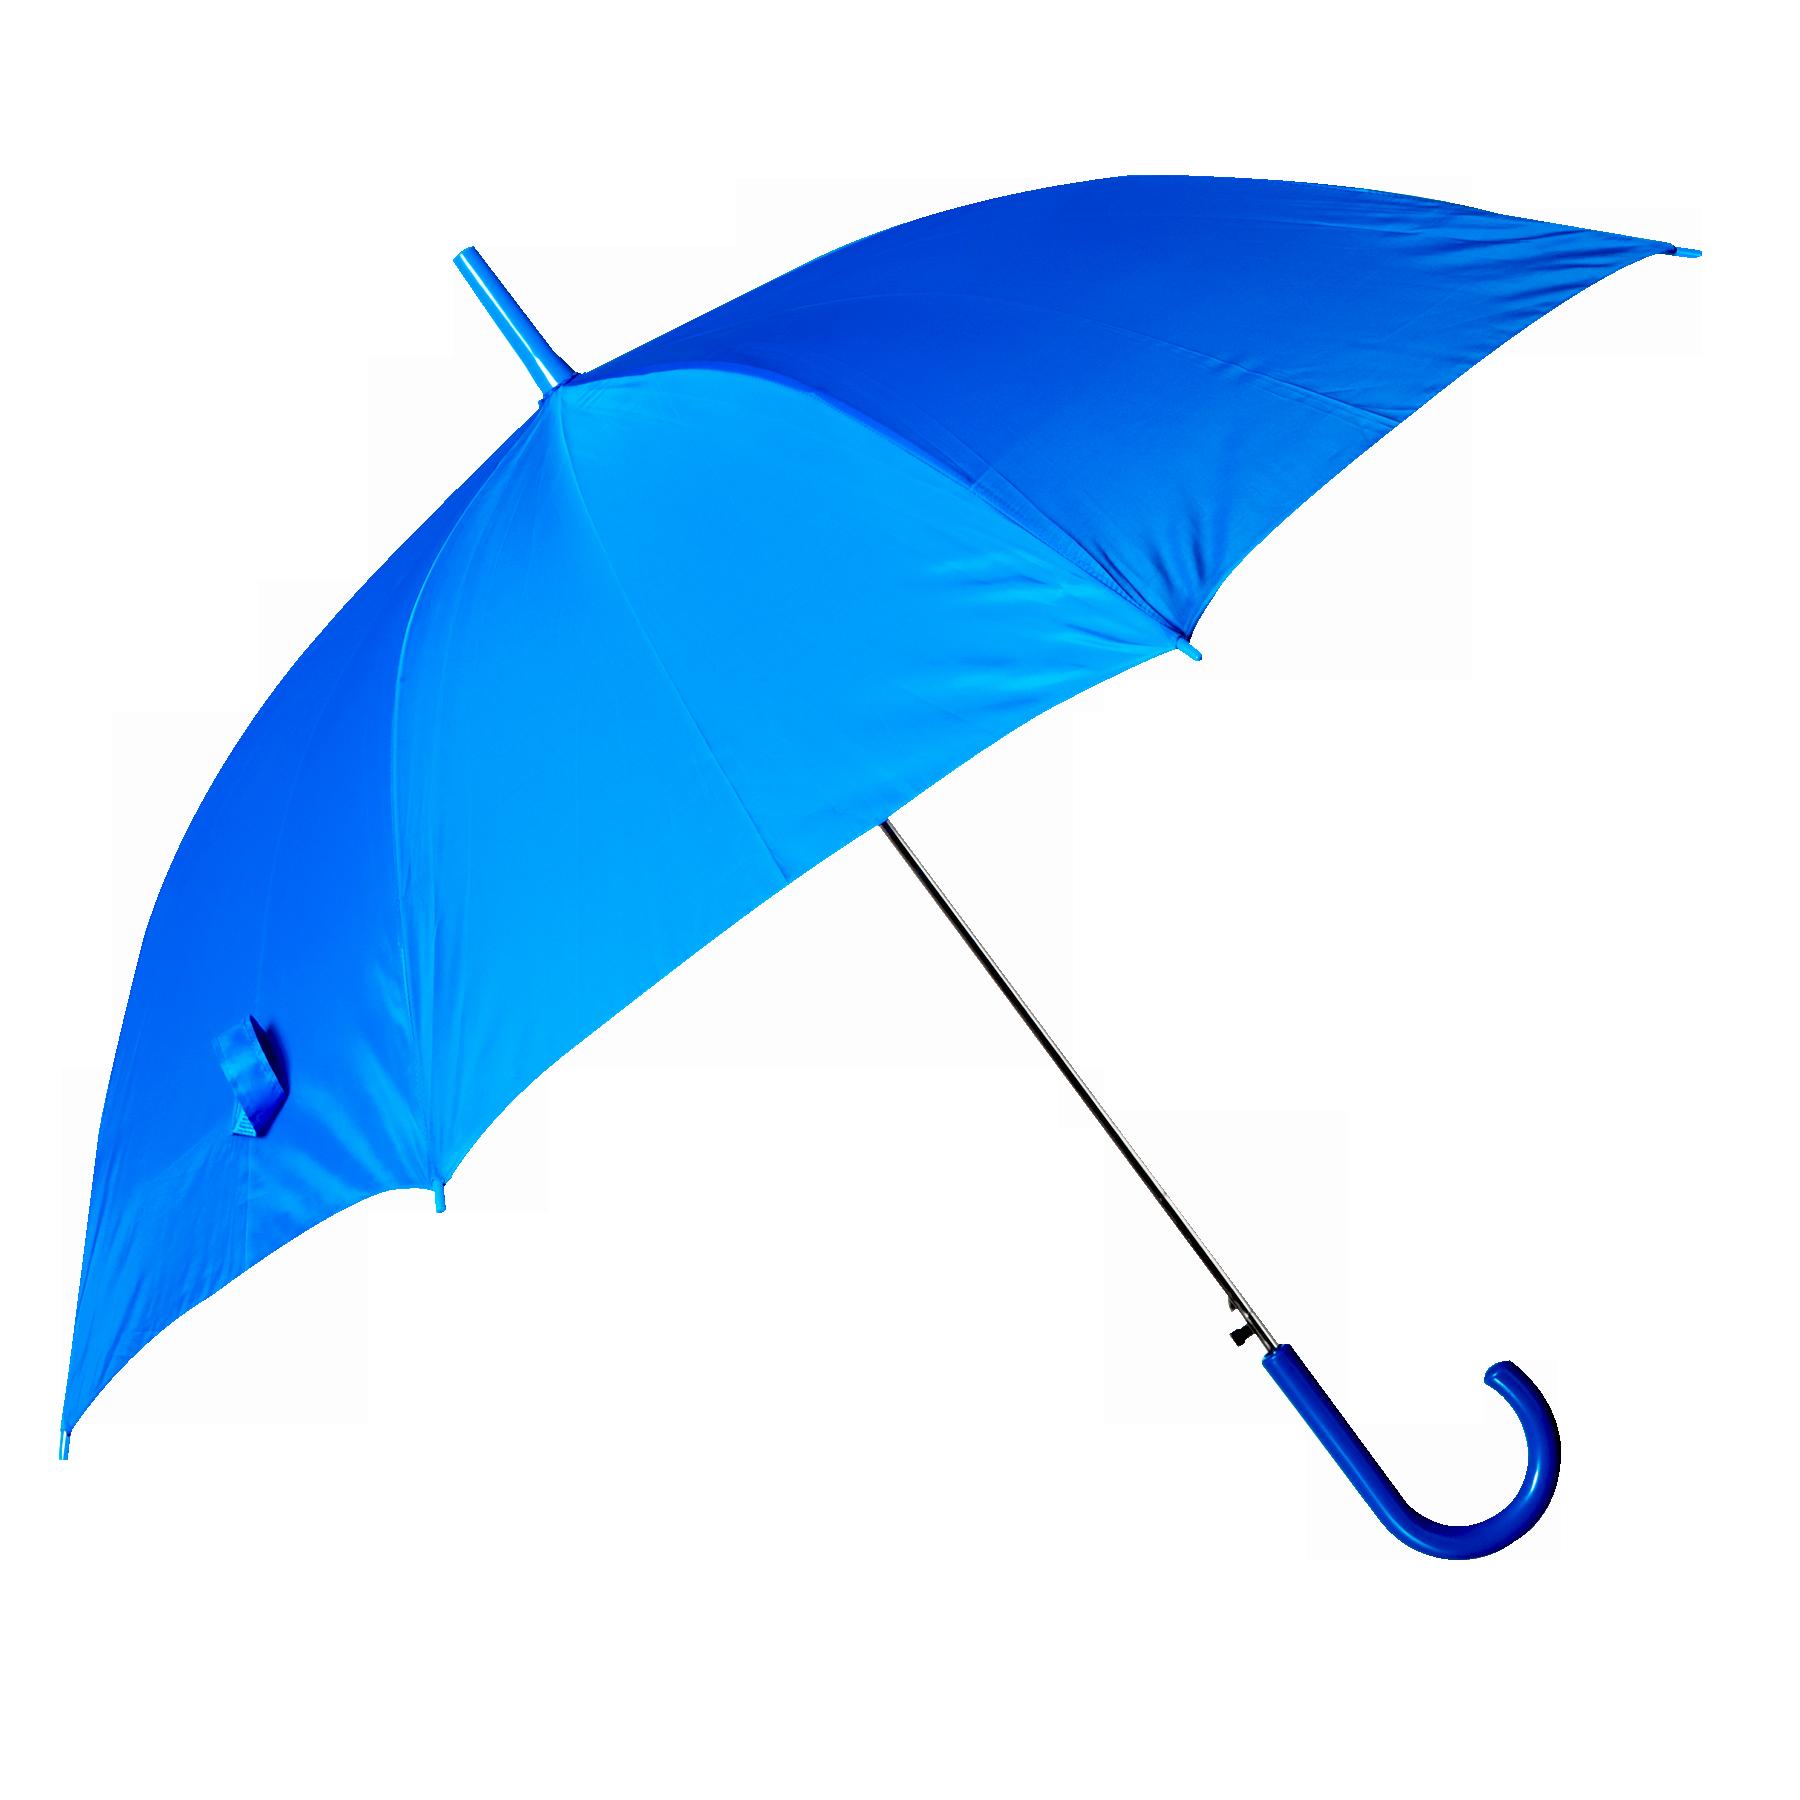 1800x1800 Umbrella Png Images Transparent Free Download